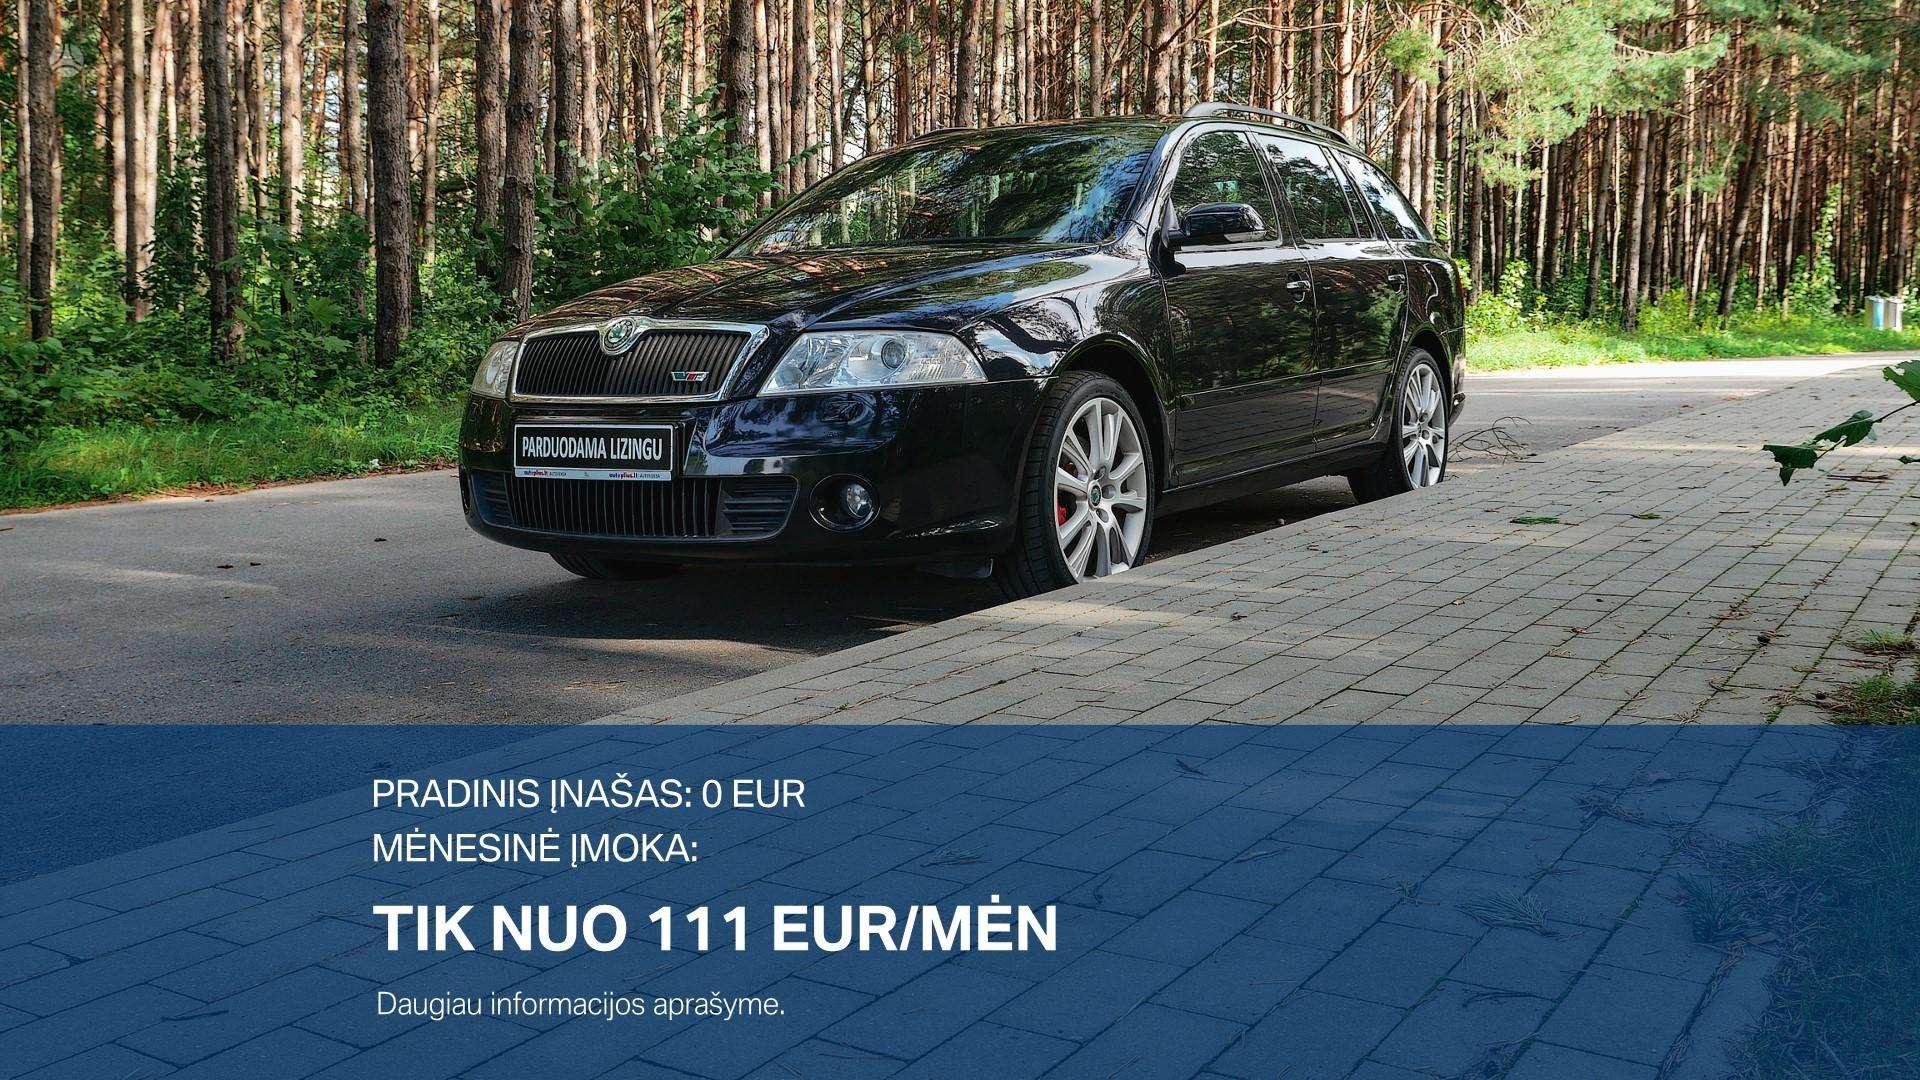 Skoda Octavia Išsimokėtinai nuo 111Eur/Mėn su 3 mėnesių garantija